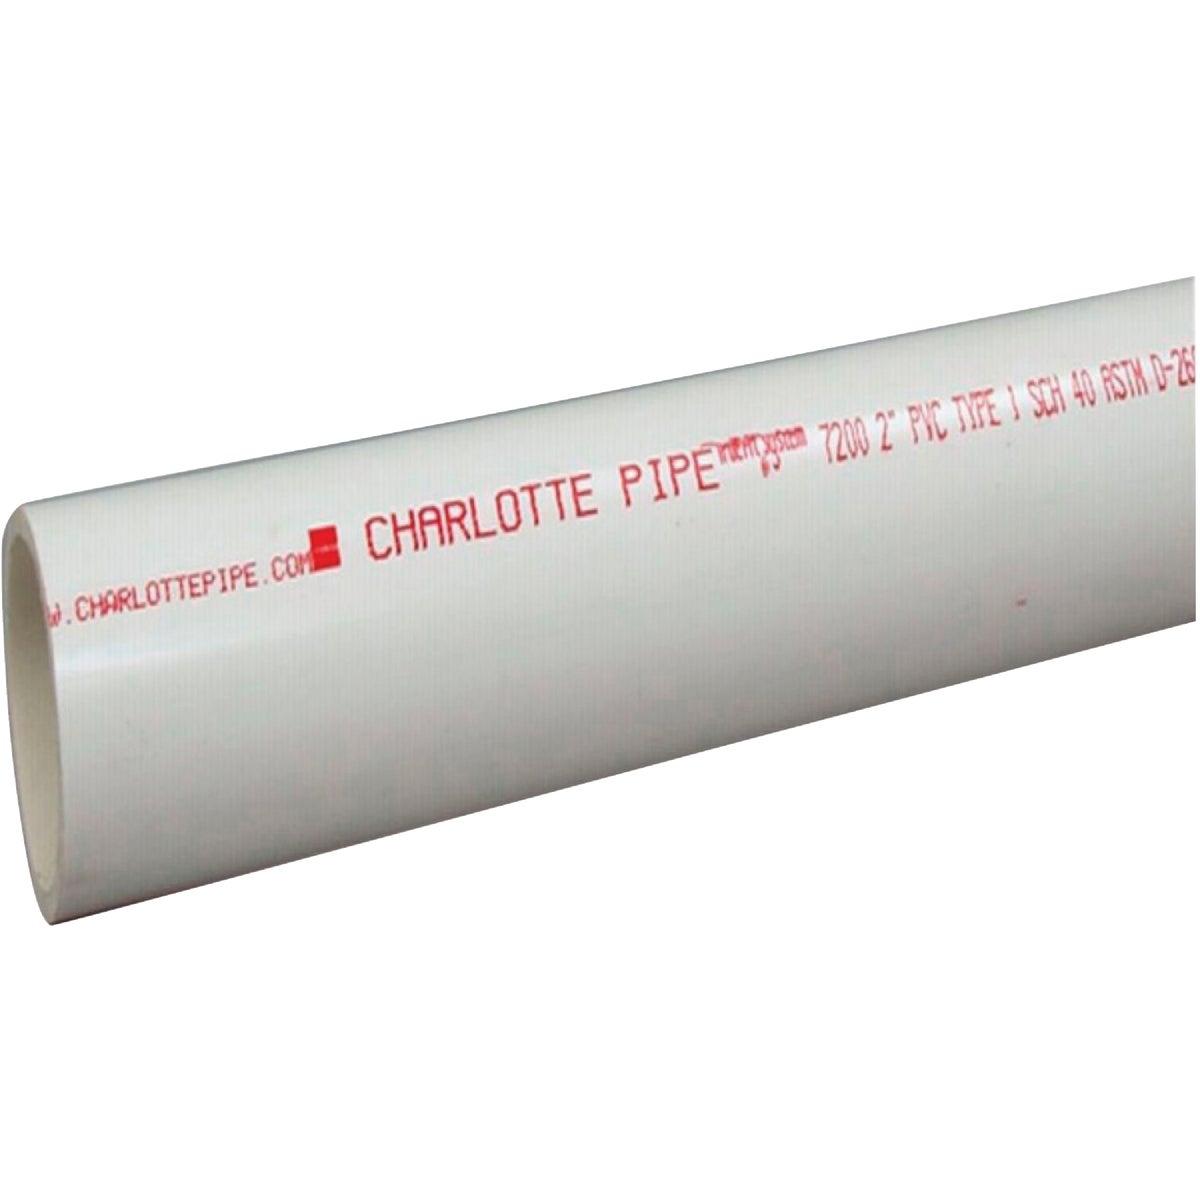 1-1/2X5 DWV 40 PVC PIPE